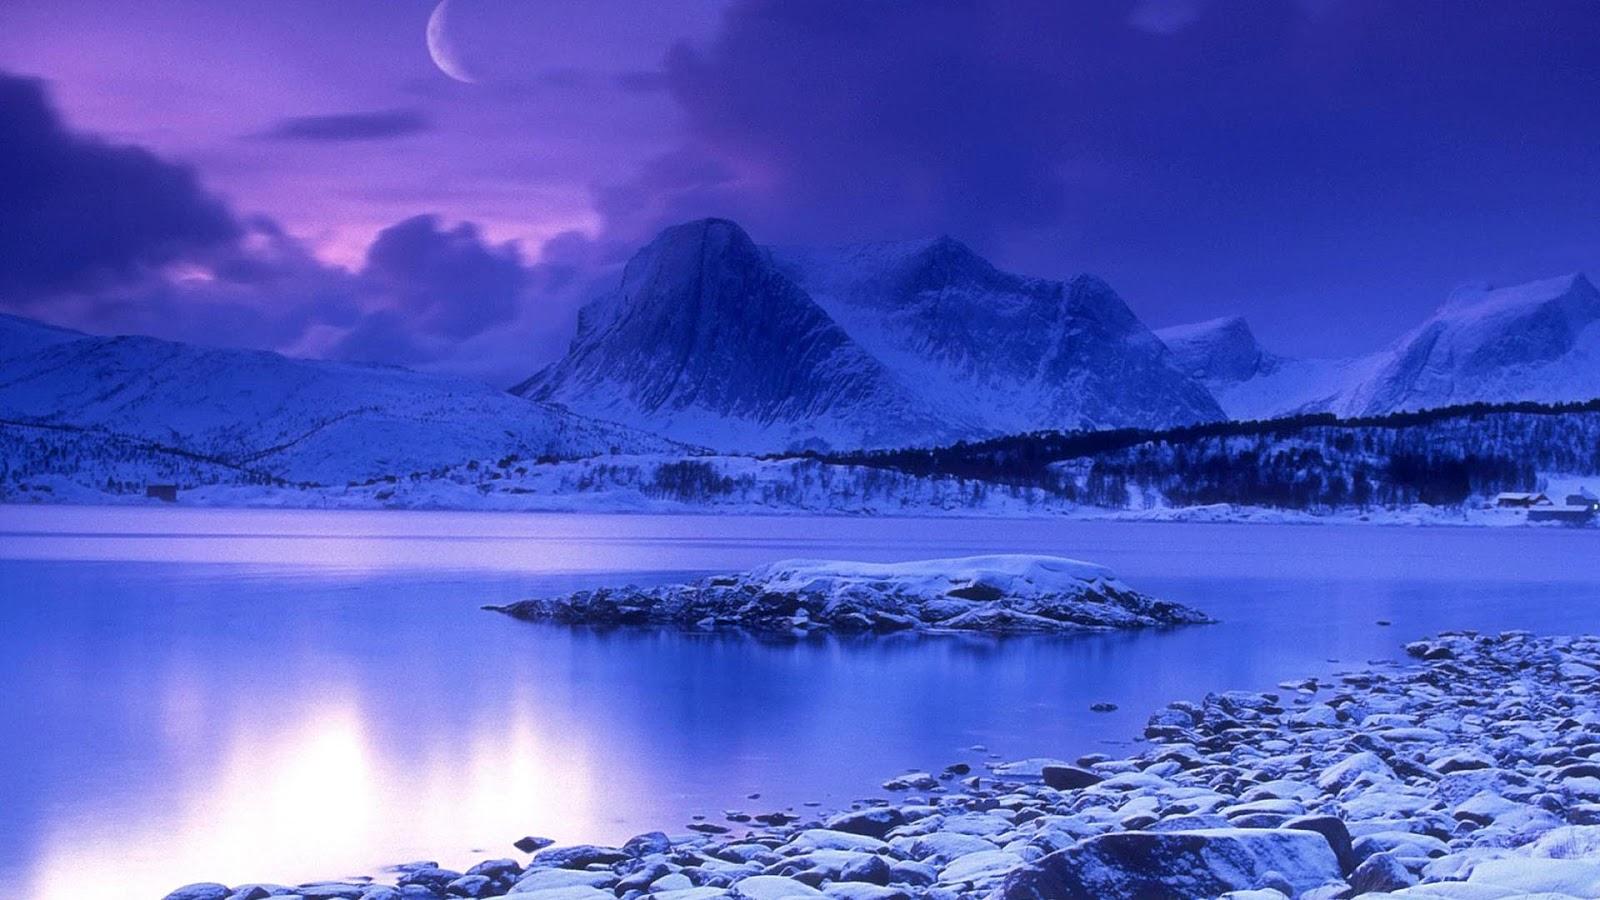 Norway Wallpapers 1080p